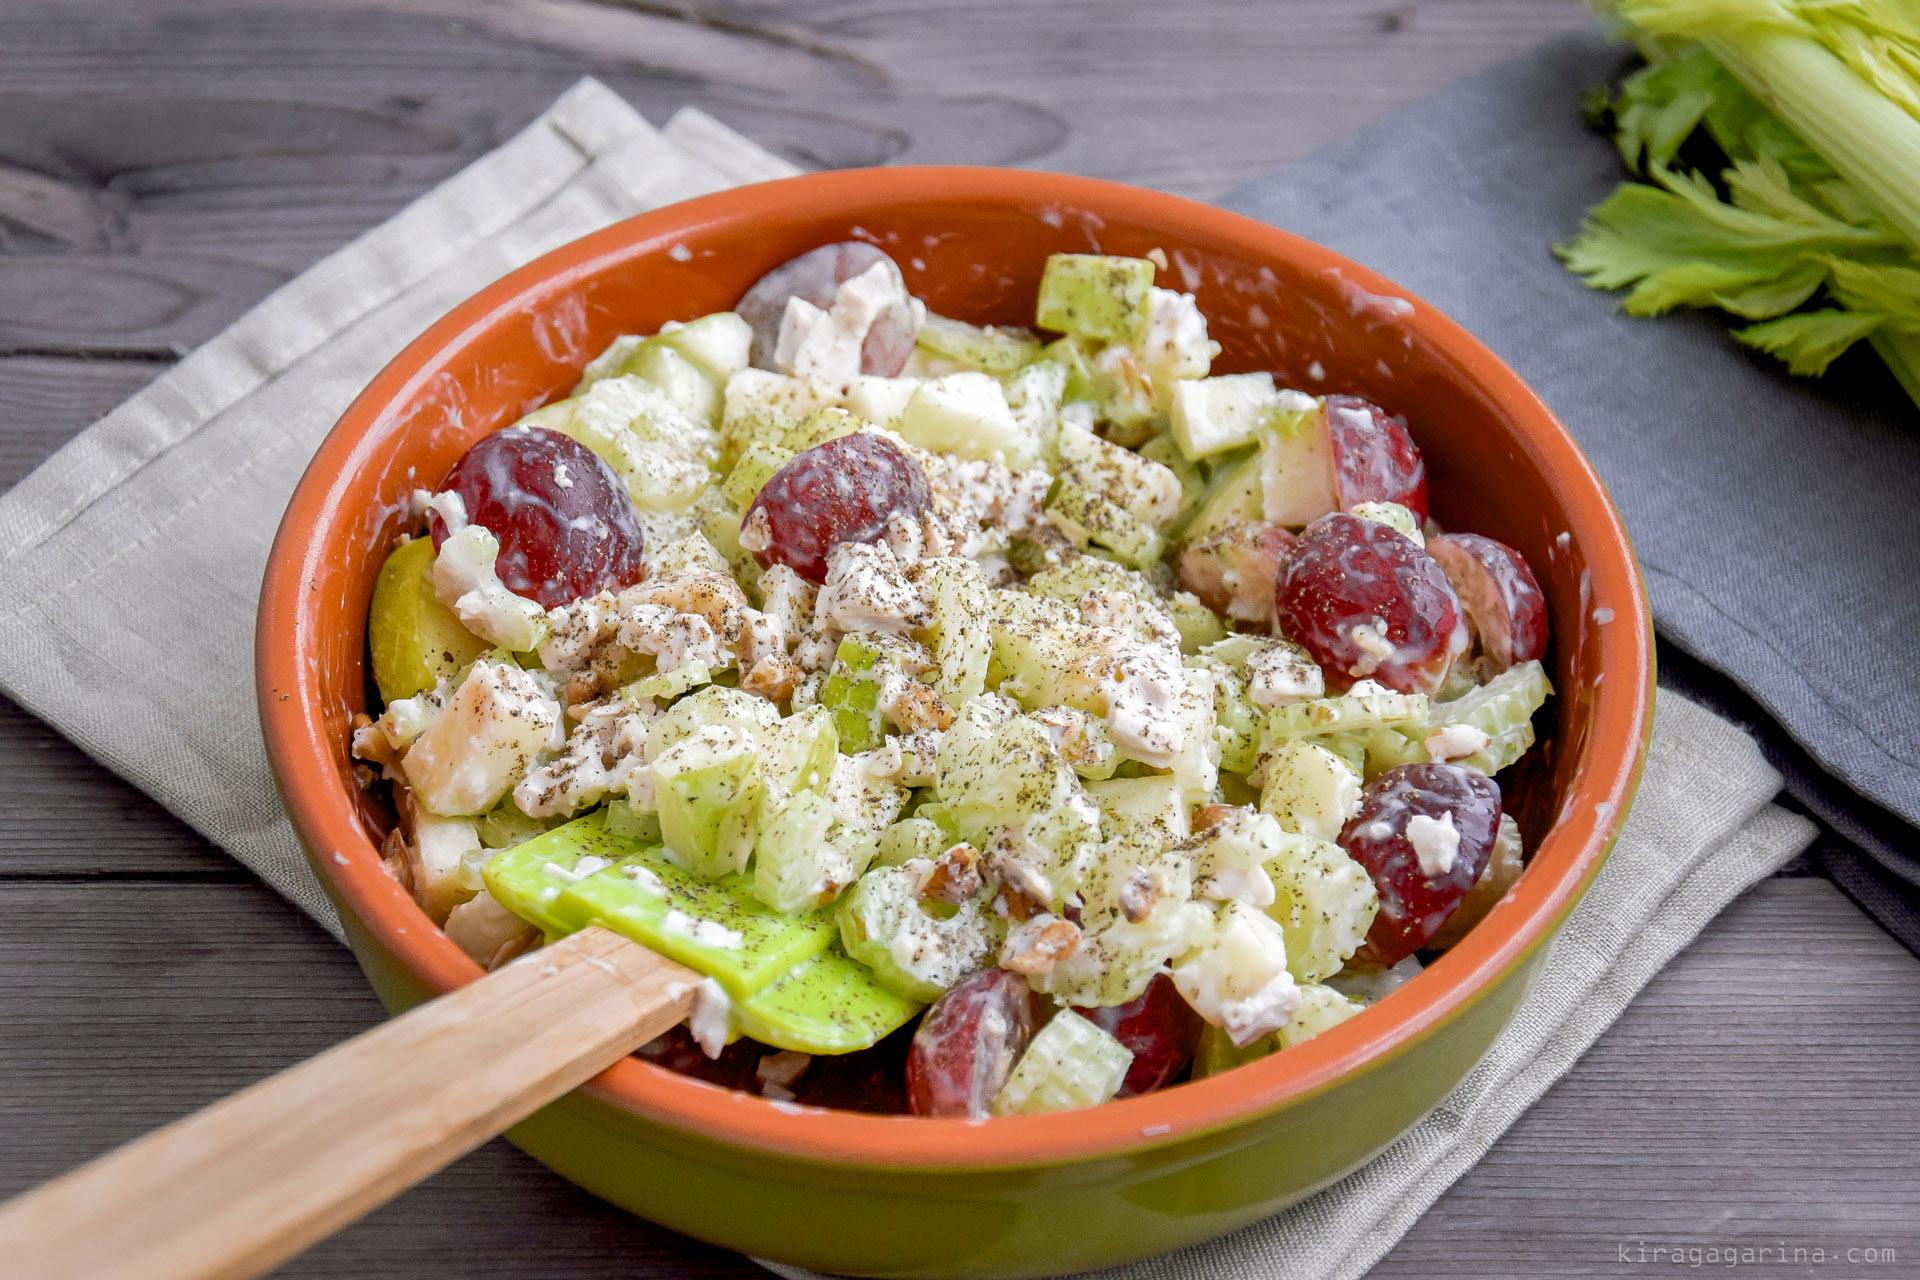 правильности подготовки салат уолдорф рецепт с фото условиям оно